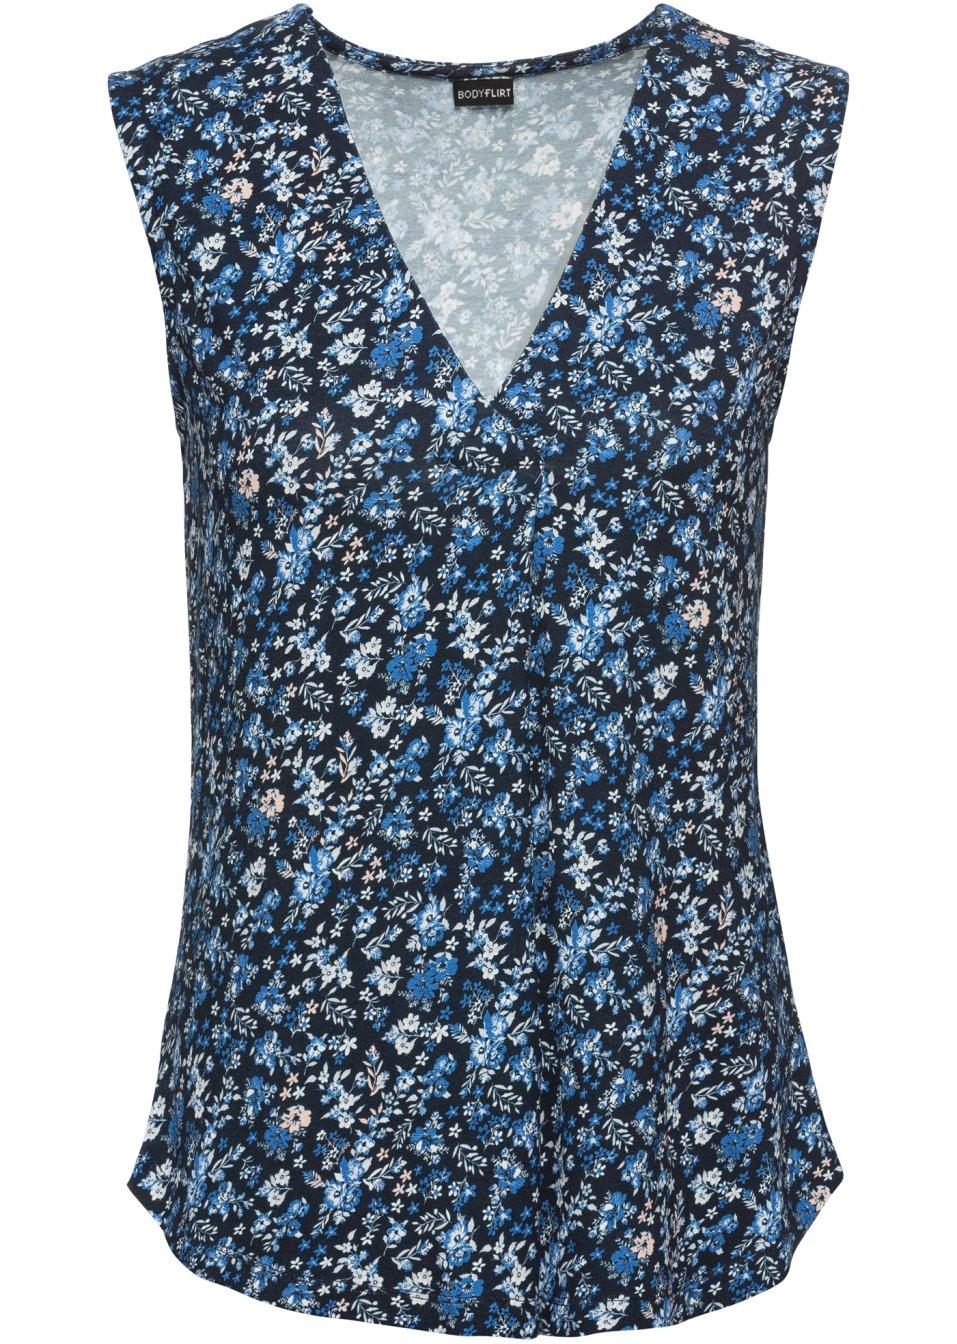 Hübsches Top mit V-Ausschnitt und eingelegter Falte - blau geblümt 4uQcL zK8M2